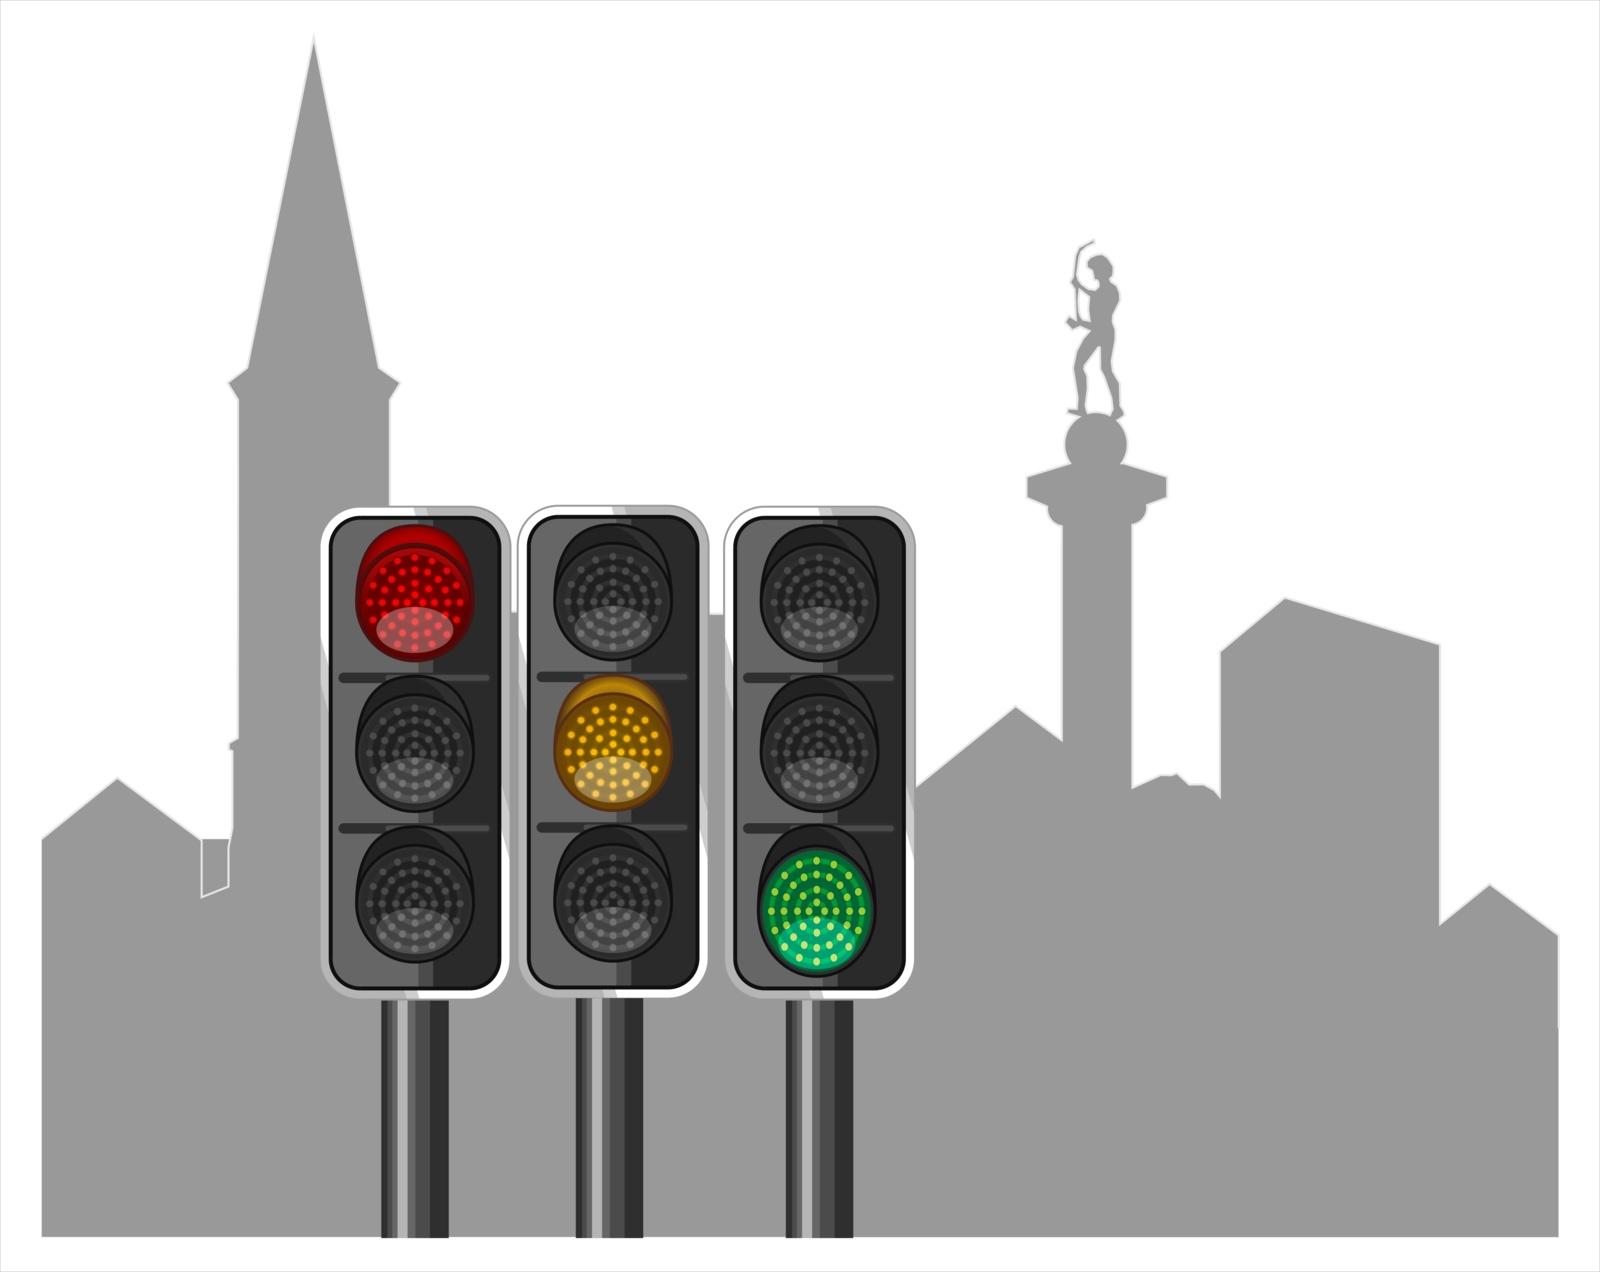 45 išmanūs šviesoforai = 1 išmanus miestas?